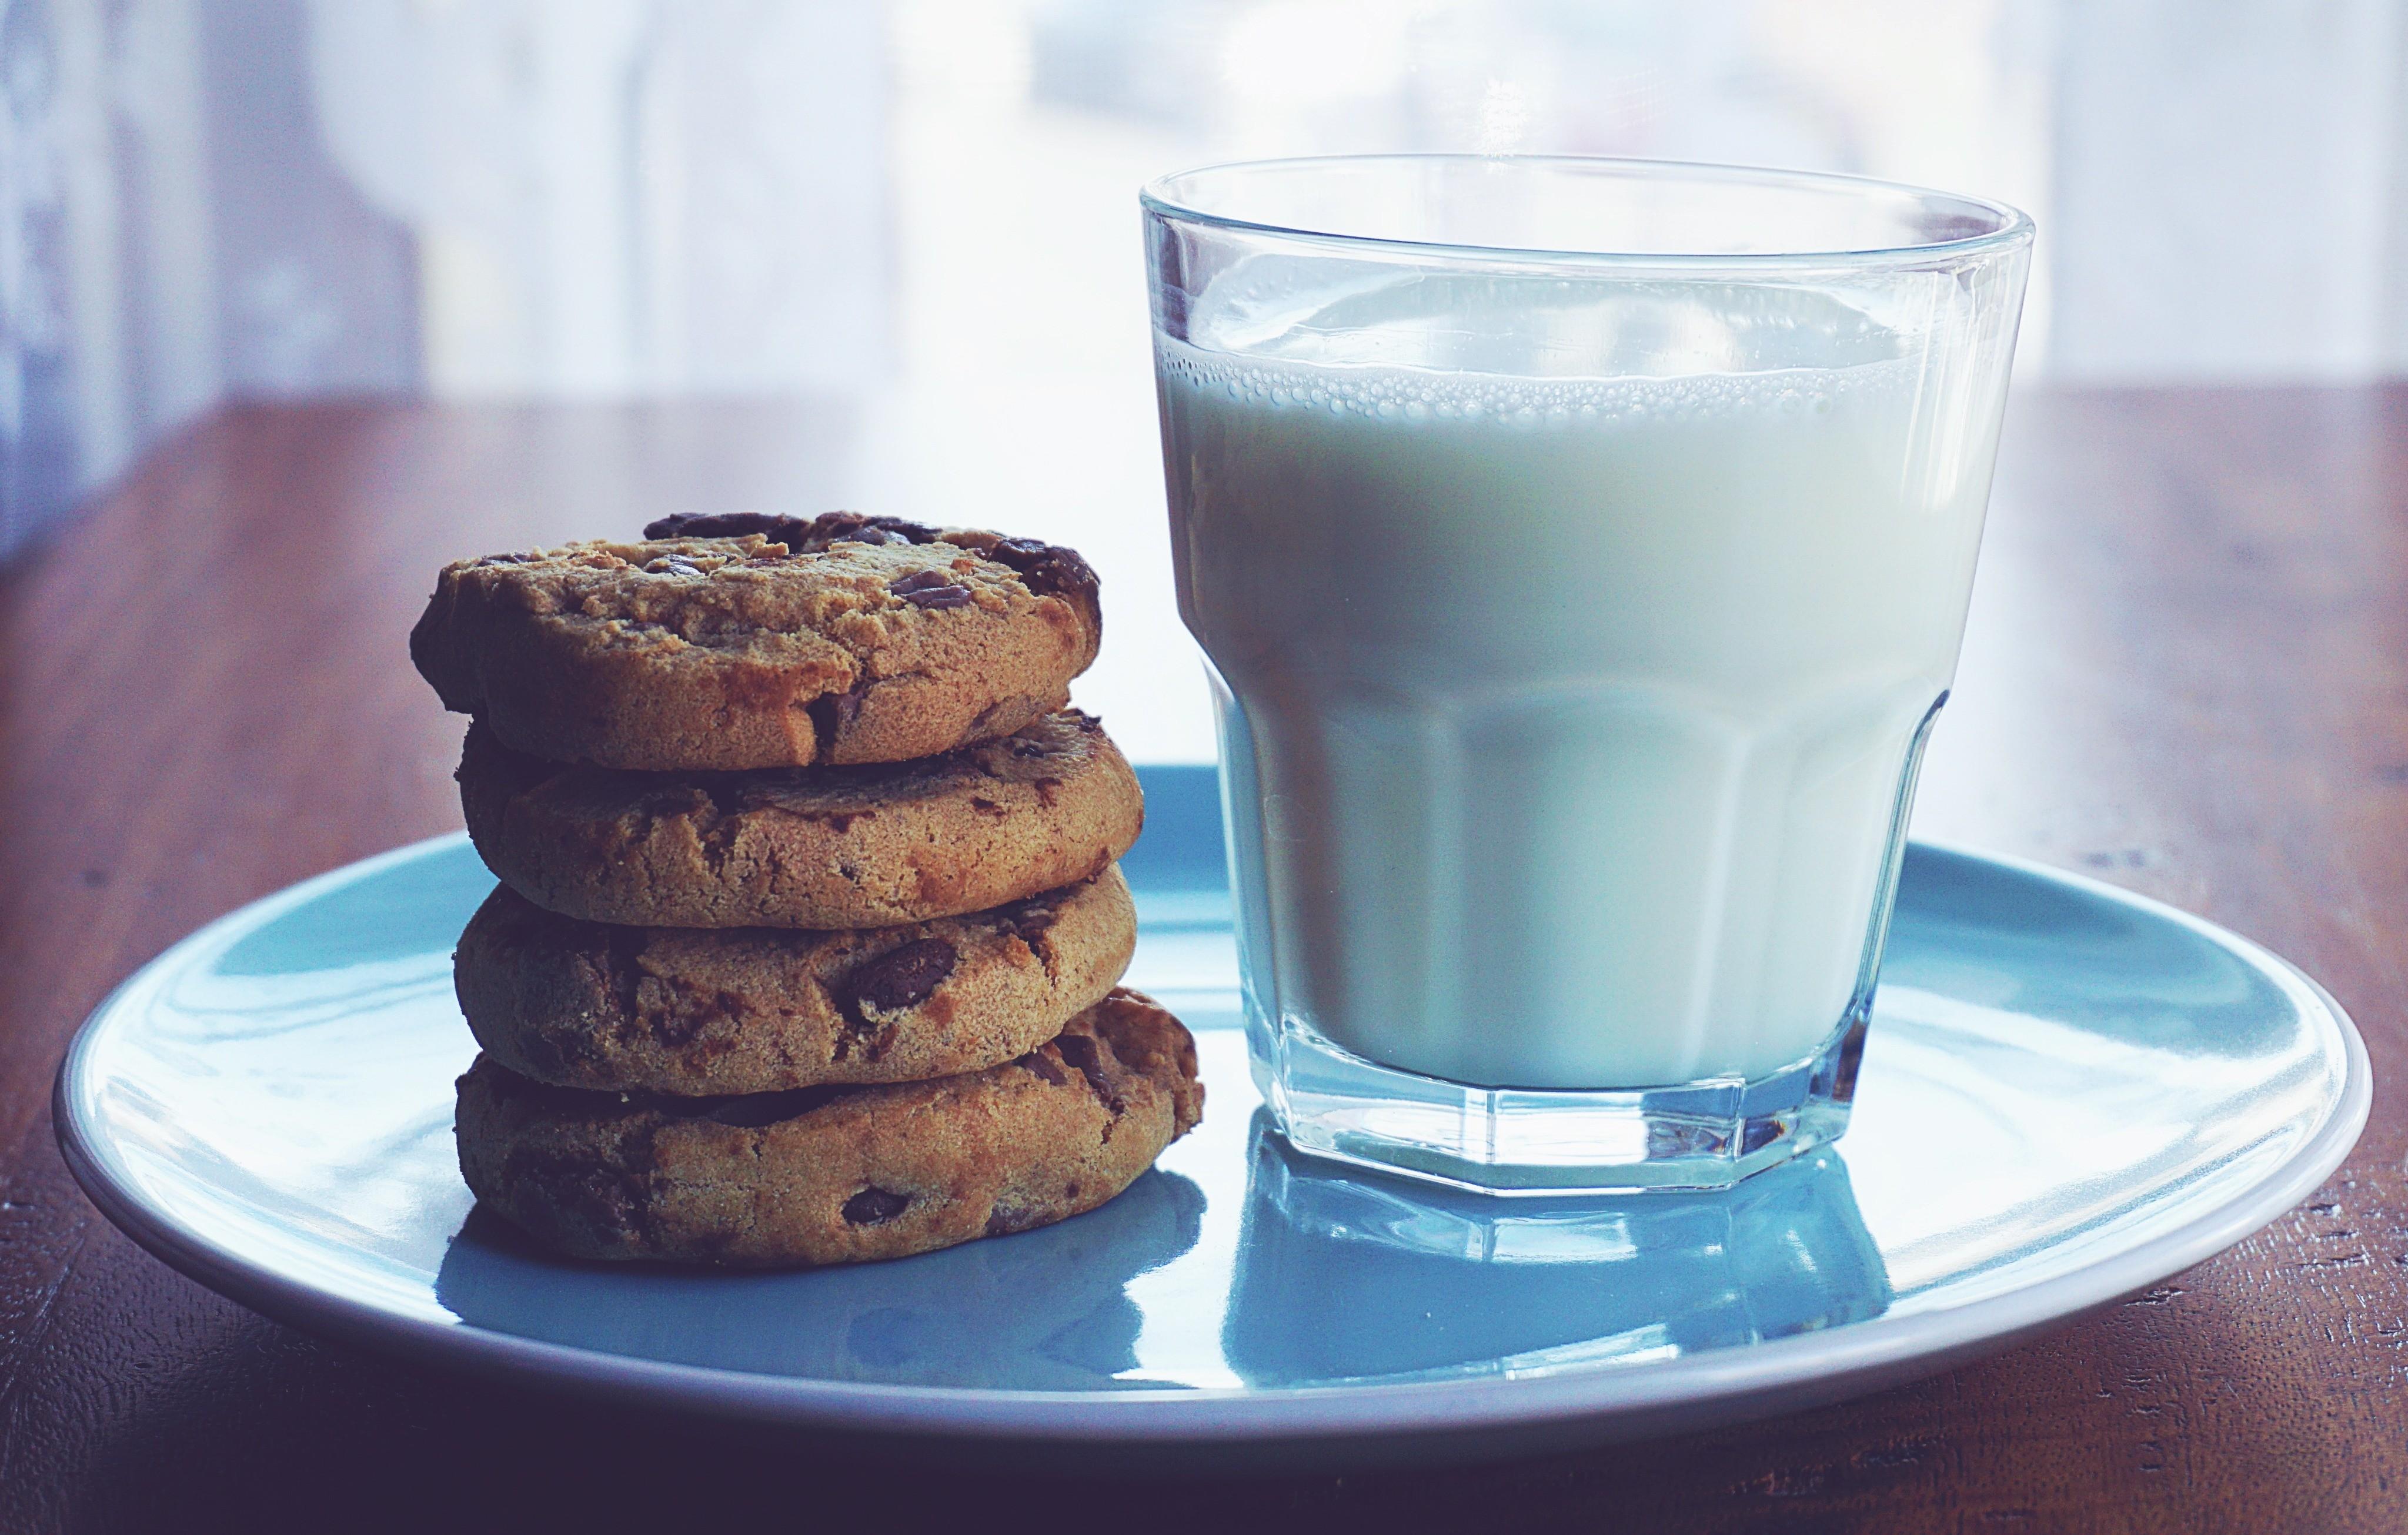 Как выбрать хорошее молоко? ТОП-3 марки от Роскачества